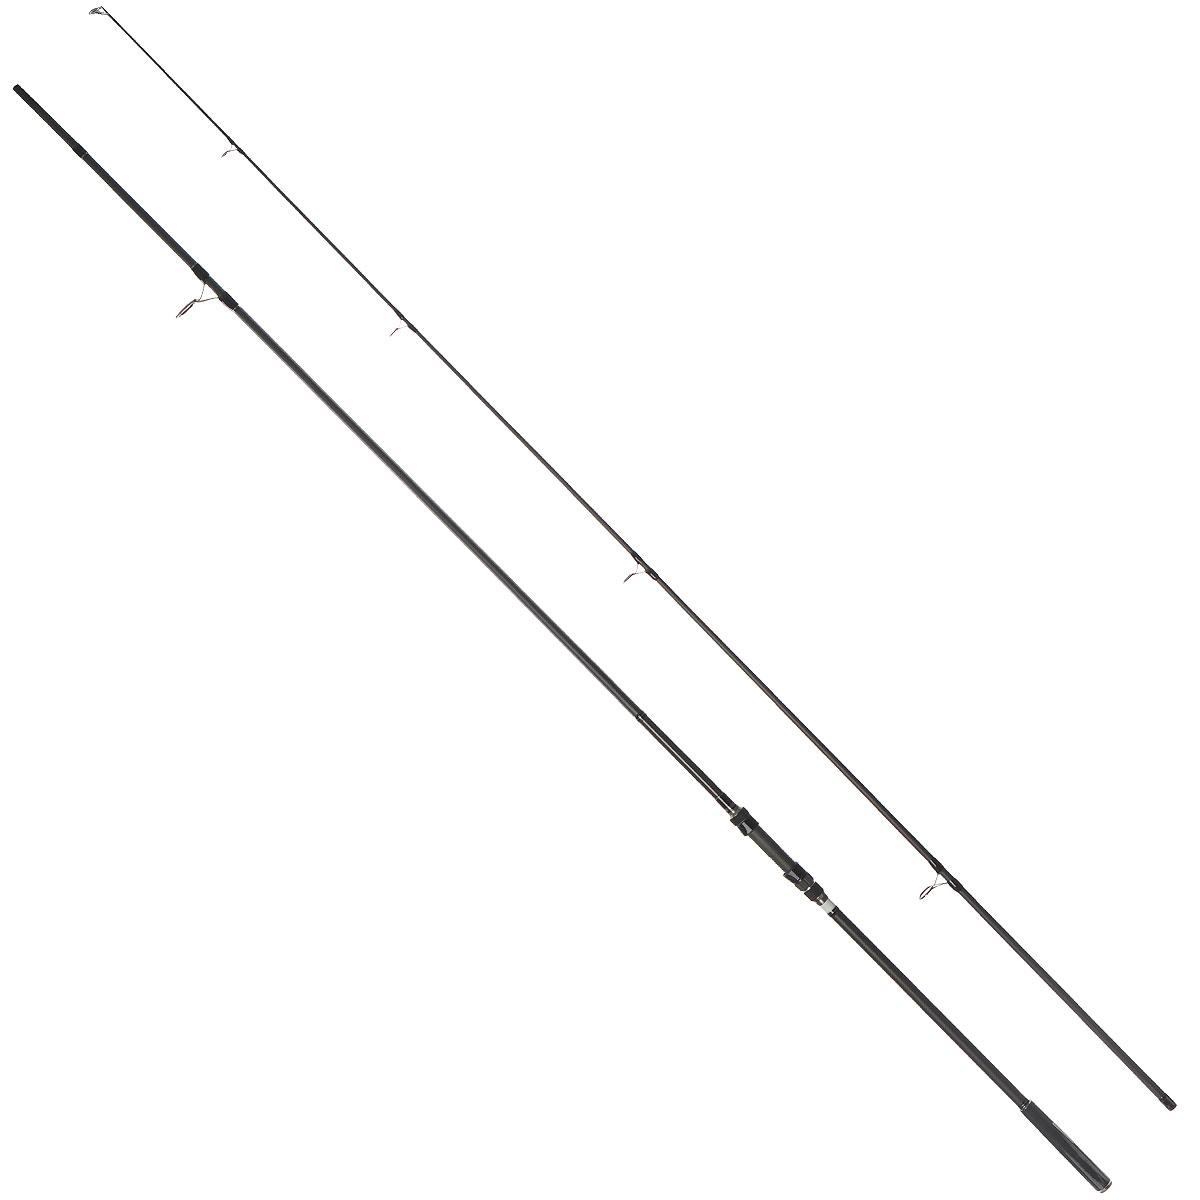 Удилище карповое Daiwa Windcast Carp, 3,9 м, 3,5 lbs0023292Daiwa Windcast Carp - это высококлассное карповое удилище с феноменальными рабочими характеристиками. Особенности удилища: Бланки из высокомодульного графита обеспечивают высокую чувствительность и мощность. Армирующая графитовая оплетка по всей длине. Надежный катушкодержатель от Fuji Пропускные кольца со вставками Sic. Флуоресцентная полоска с подсветкой специально для ночной ловли. Поставляется в чехле для переноски и хранения. Тест: 3,5 lbs.